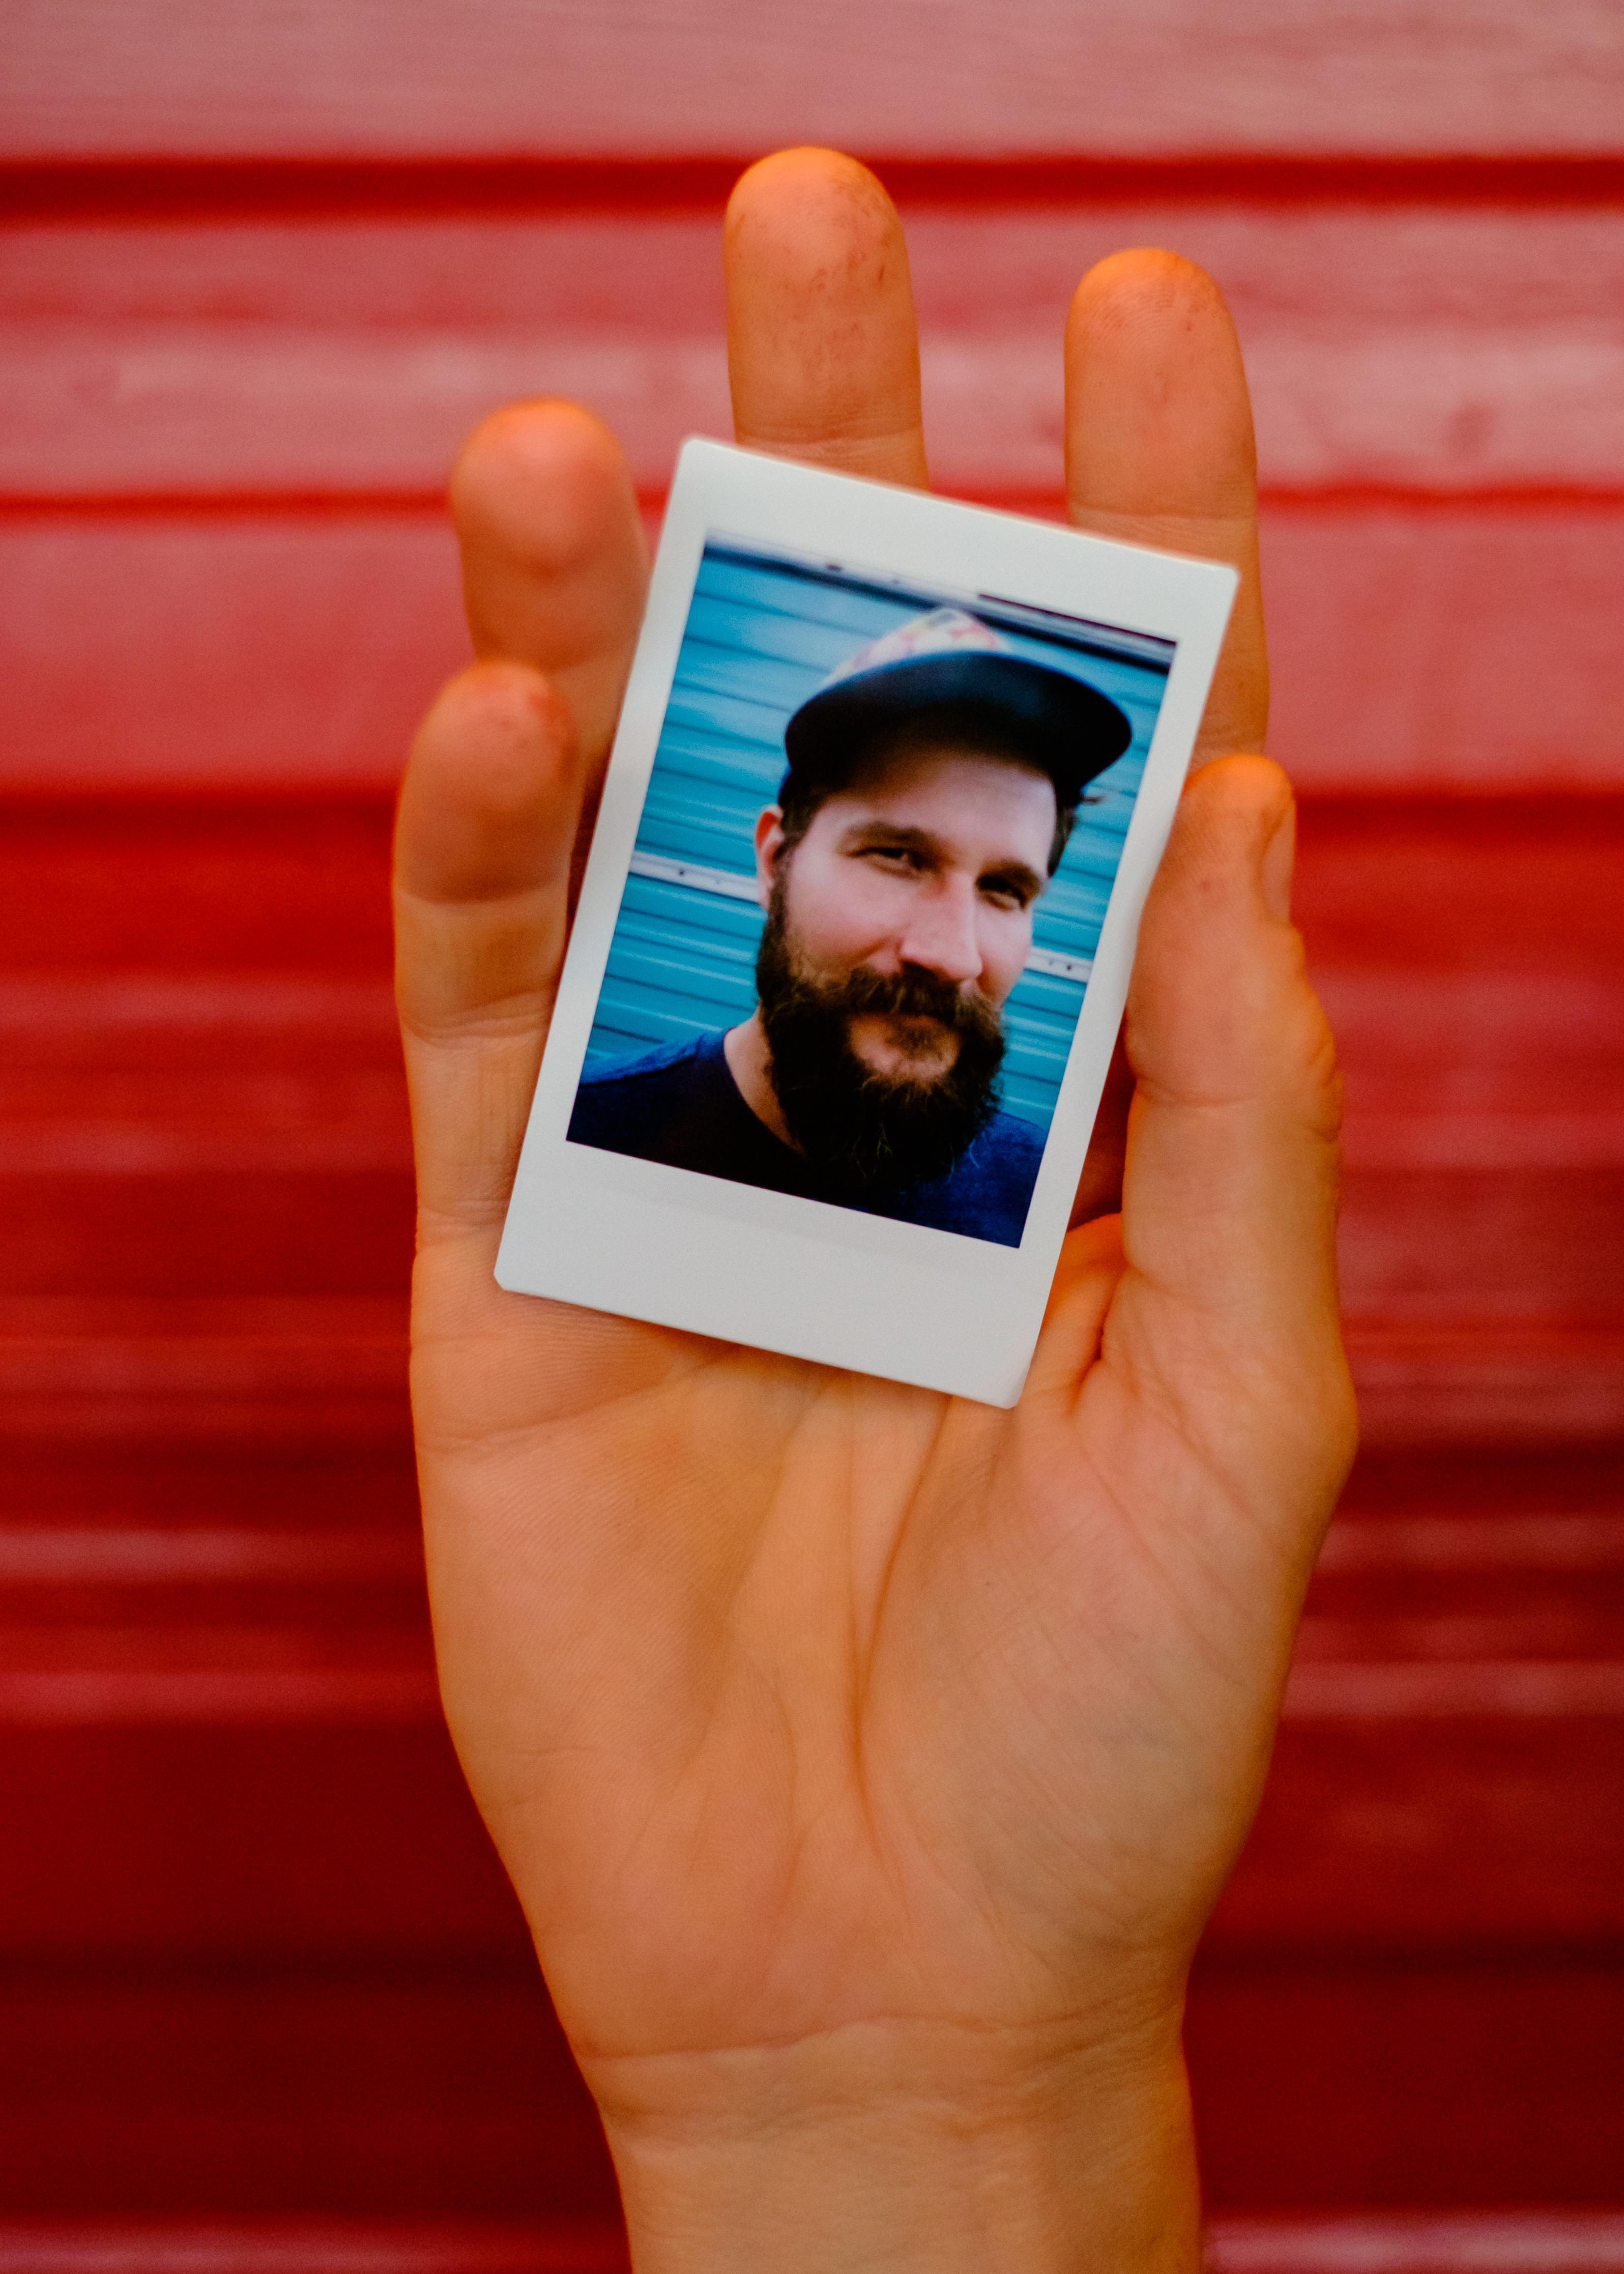 Olivier Bourget portrait dans la main-60